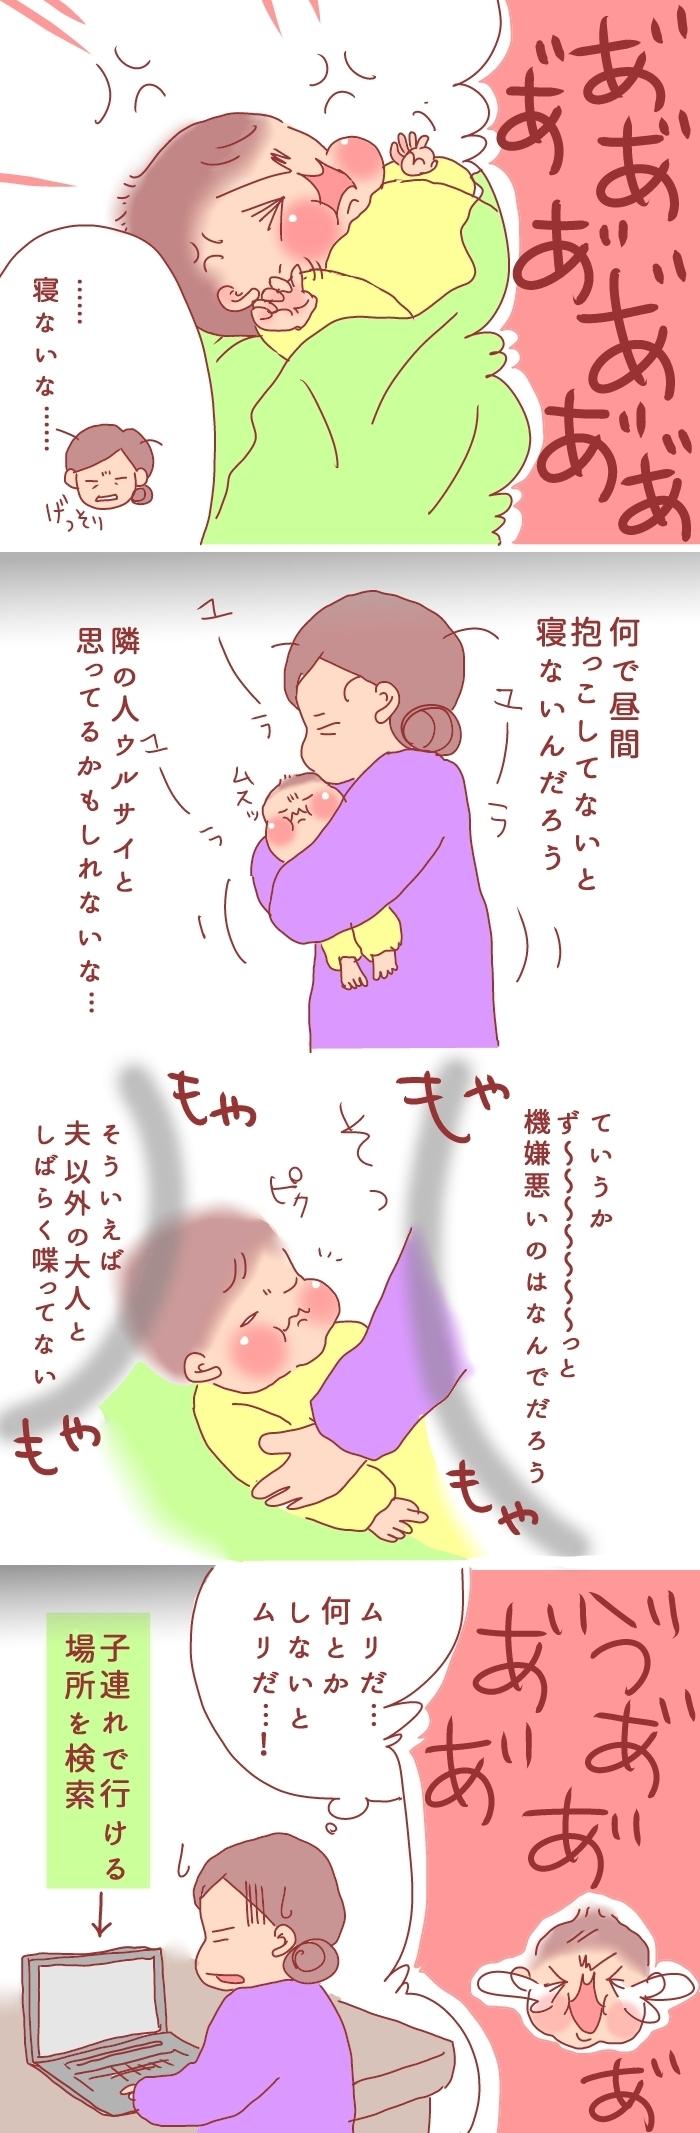 """「大人と話したい!」でも""""ママ友""""ってなんか怖そう…そんなイメージが変わったワケの画像1"""